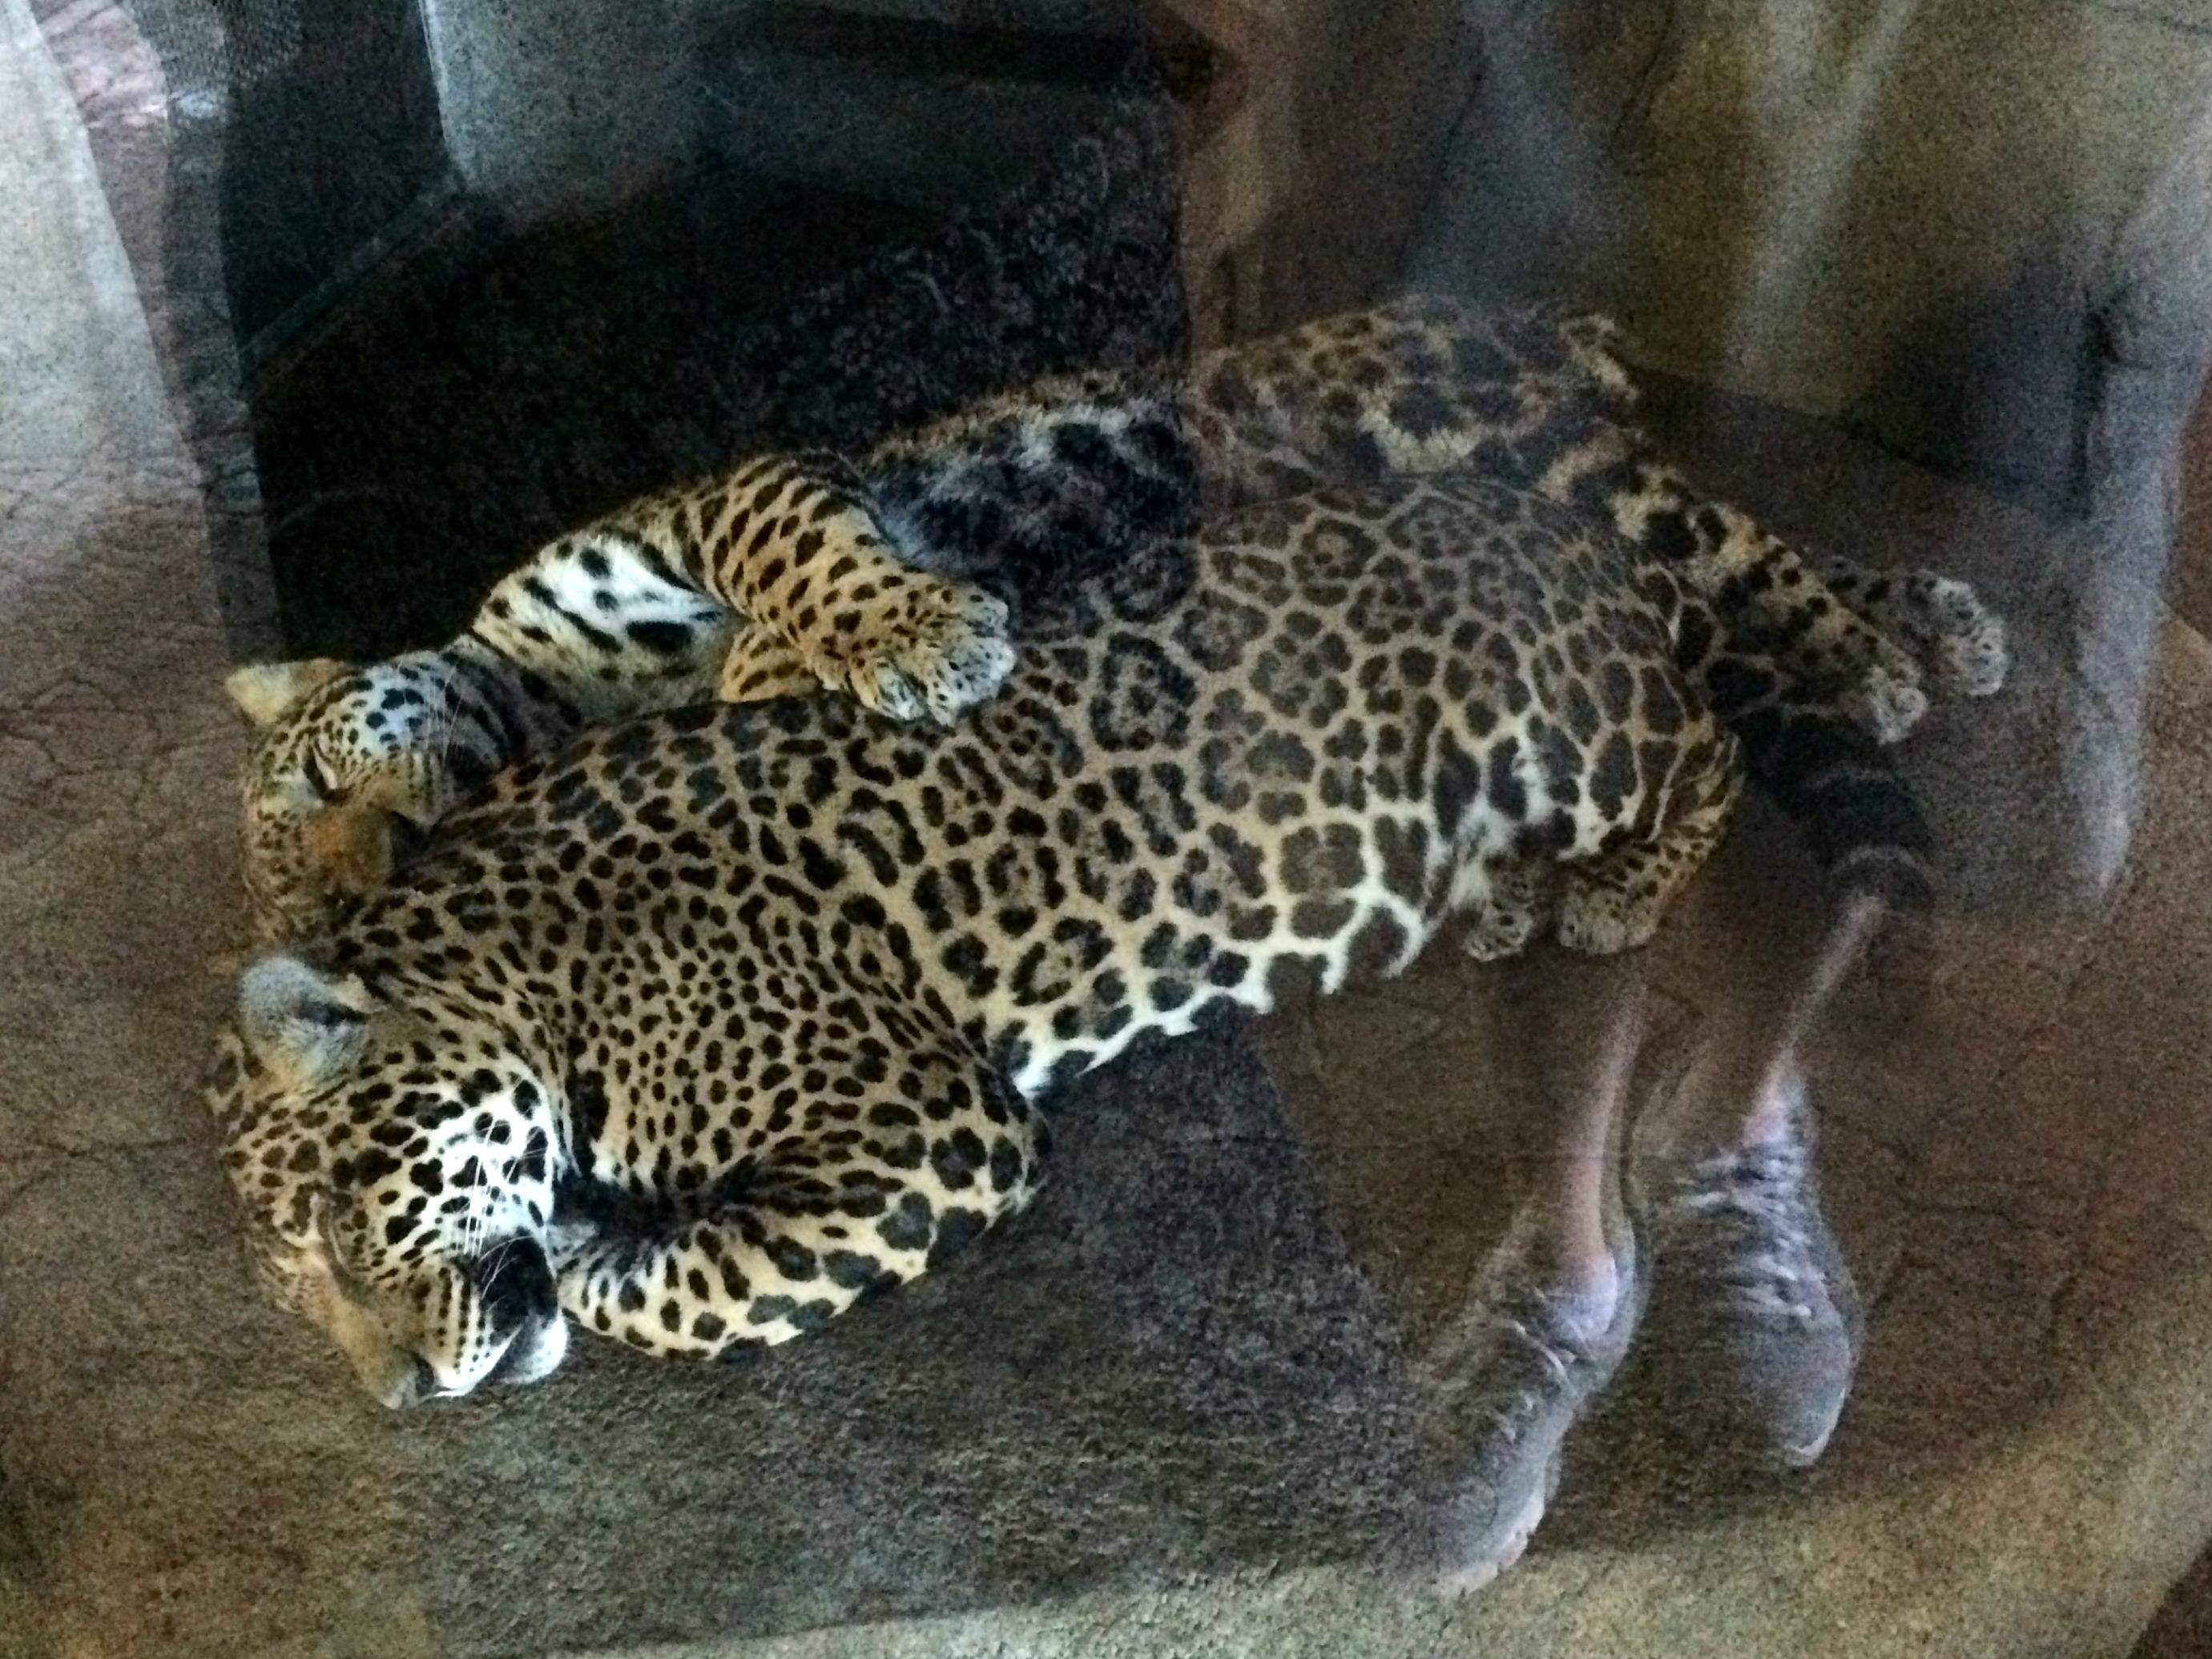 san diego zoo leopards cuddling